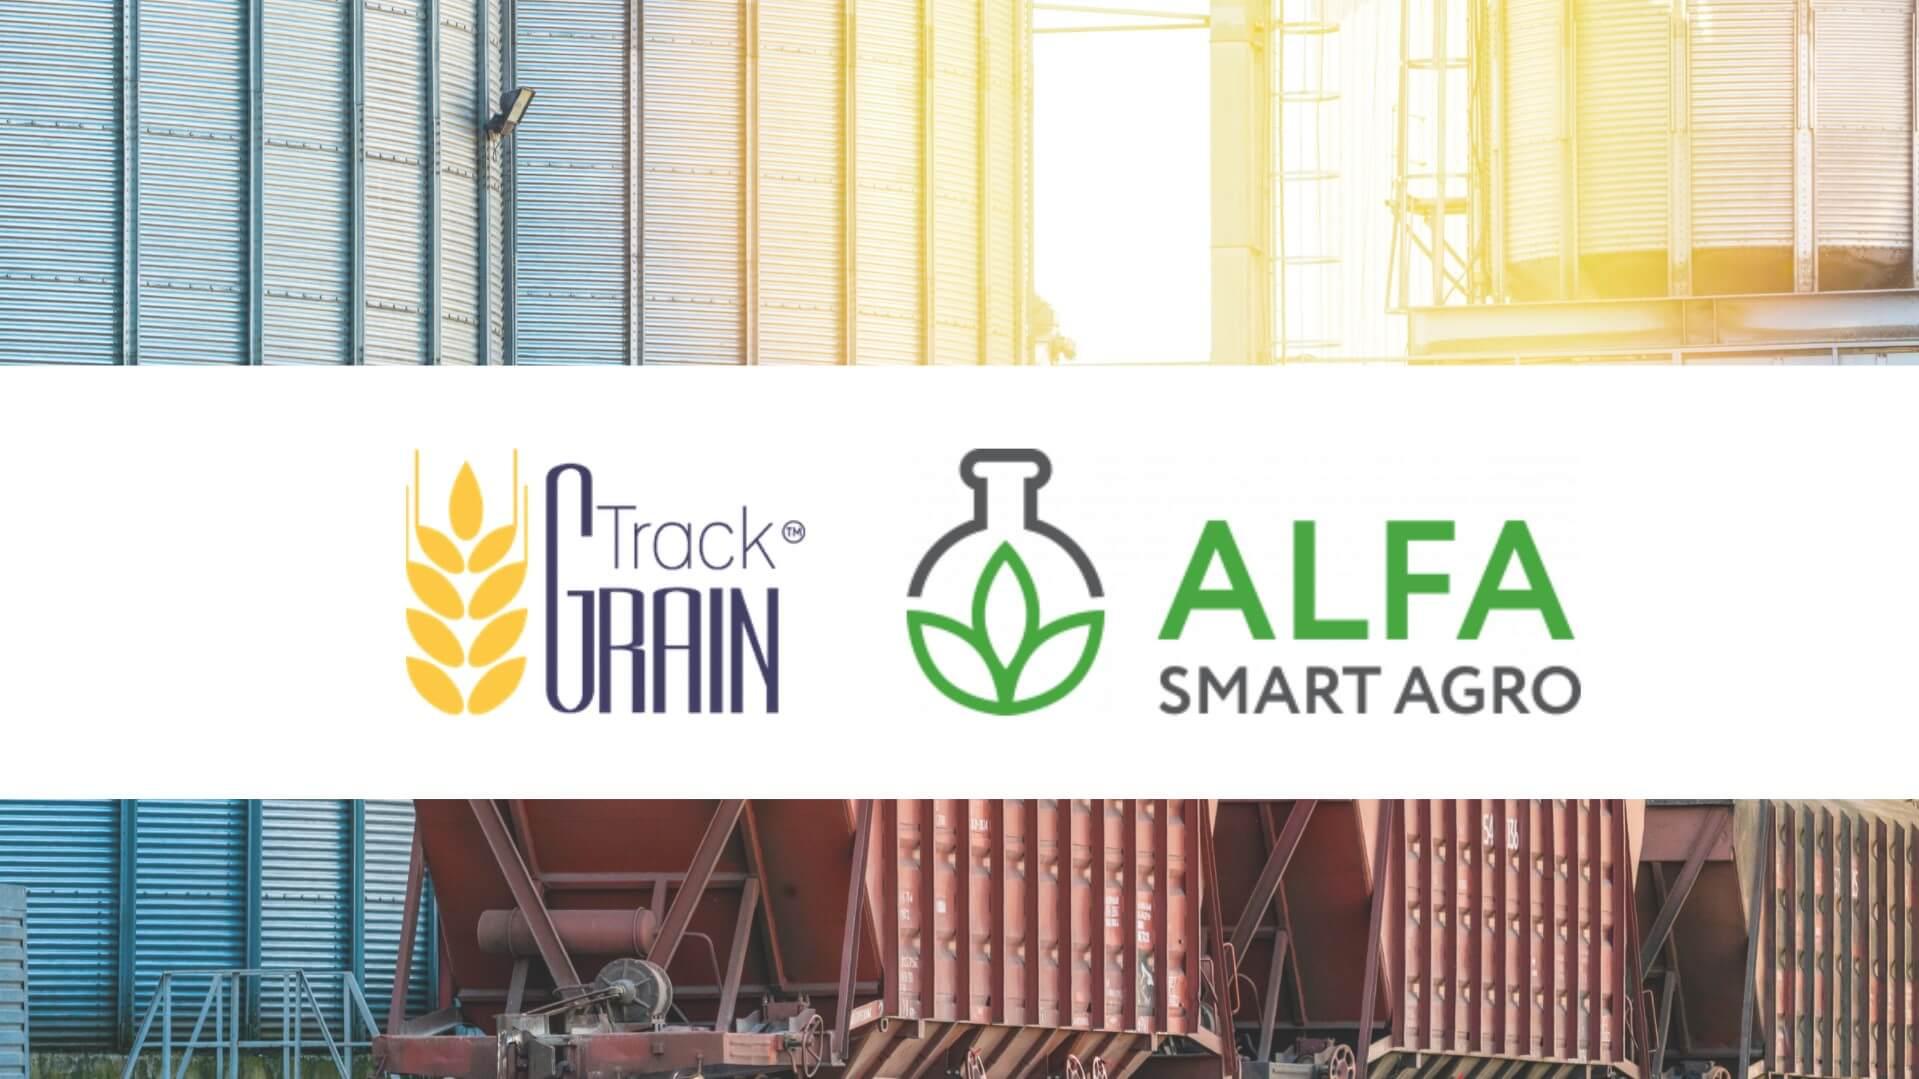 Как GrainTrack облегчает работу зернотрейдерам c продажей на терминале: опыт ALFA Smart Agro. Видео